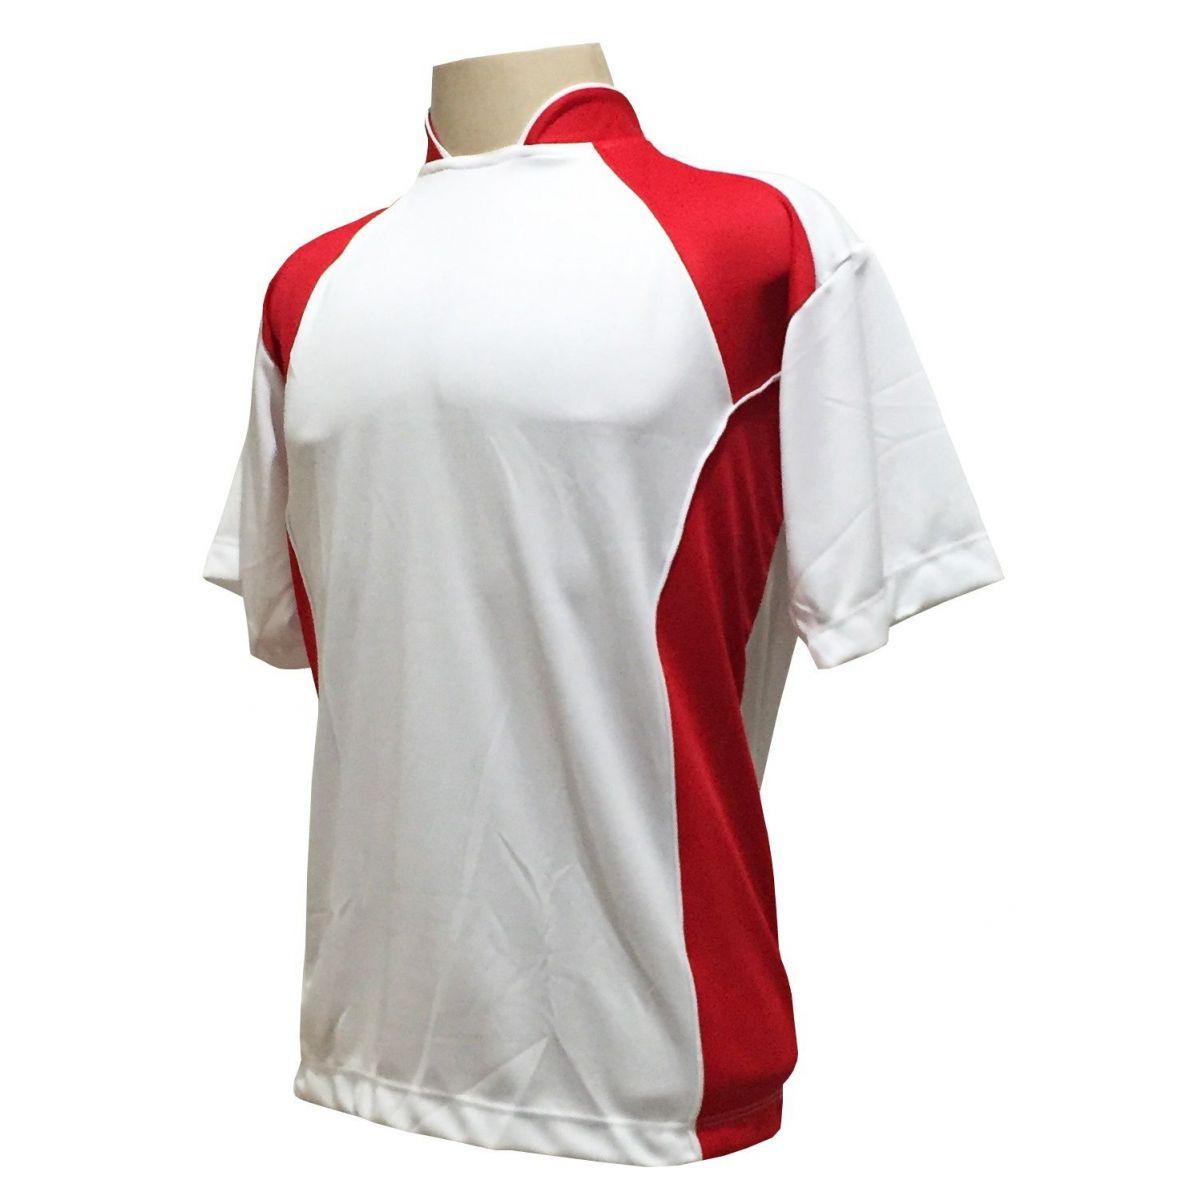 Uniforme Esportivo com 14 camisas modelo Suécia Branco/Vermelho + 14 calções modelo Madrid Branco + 14 pares de meiões Vermelho